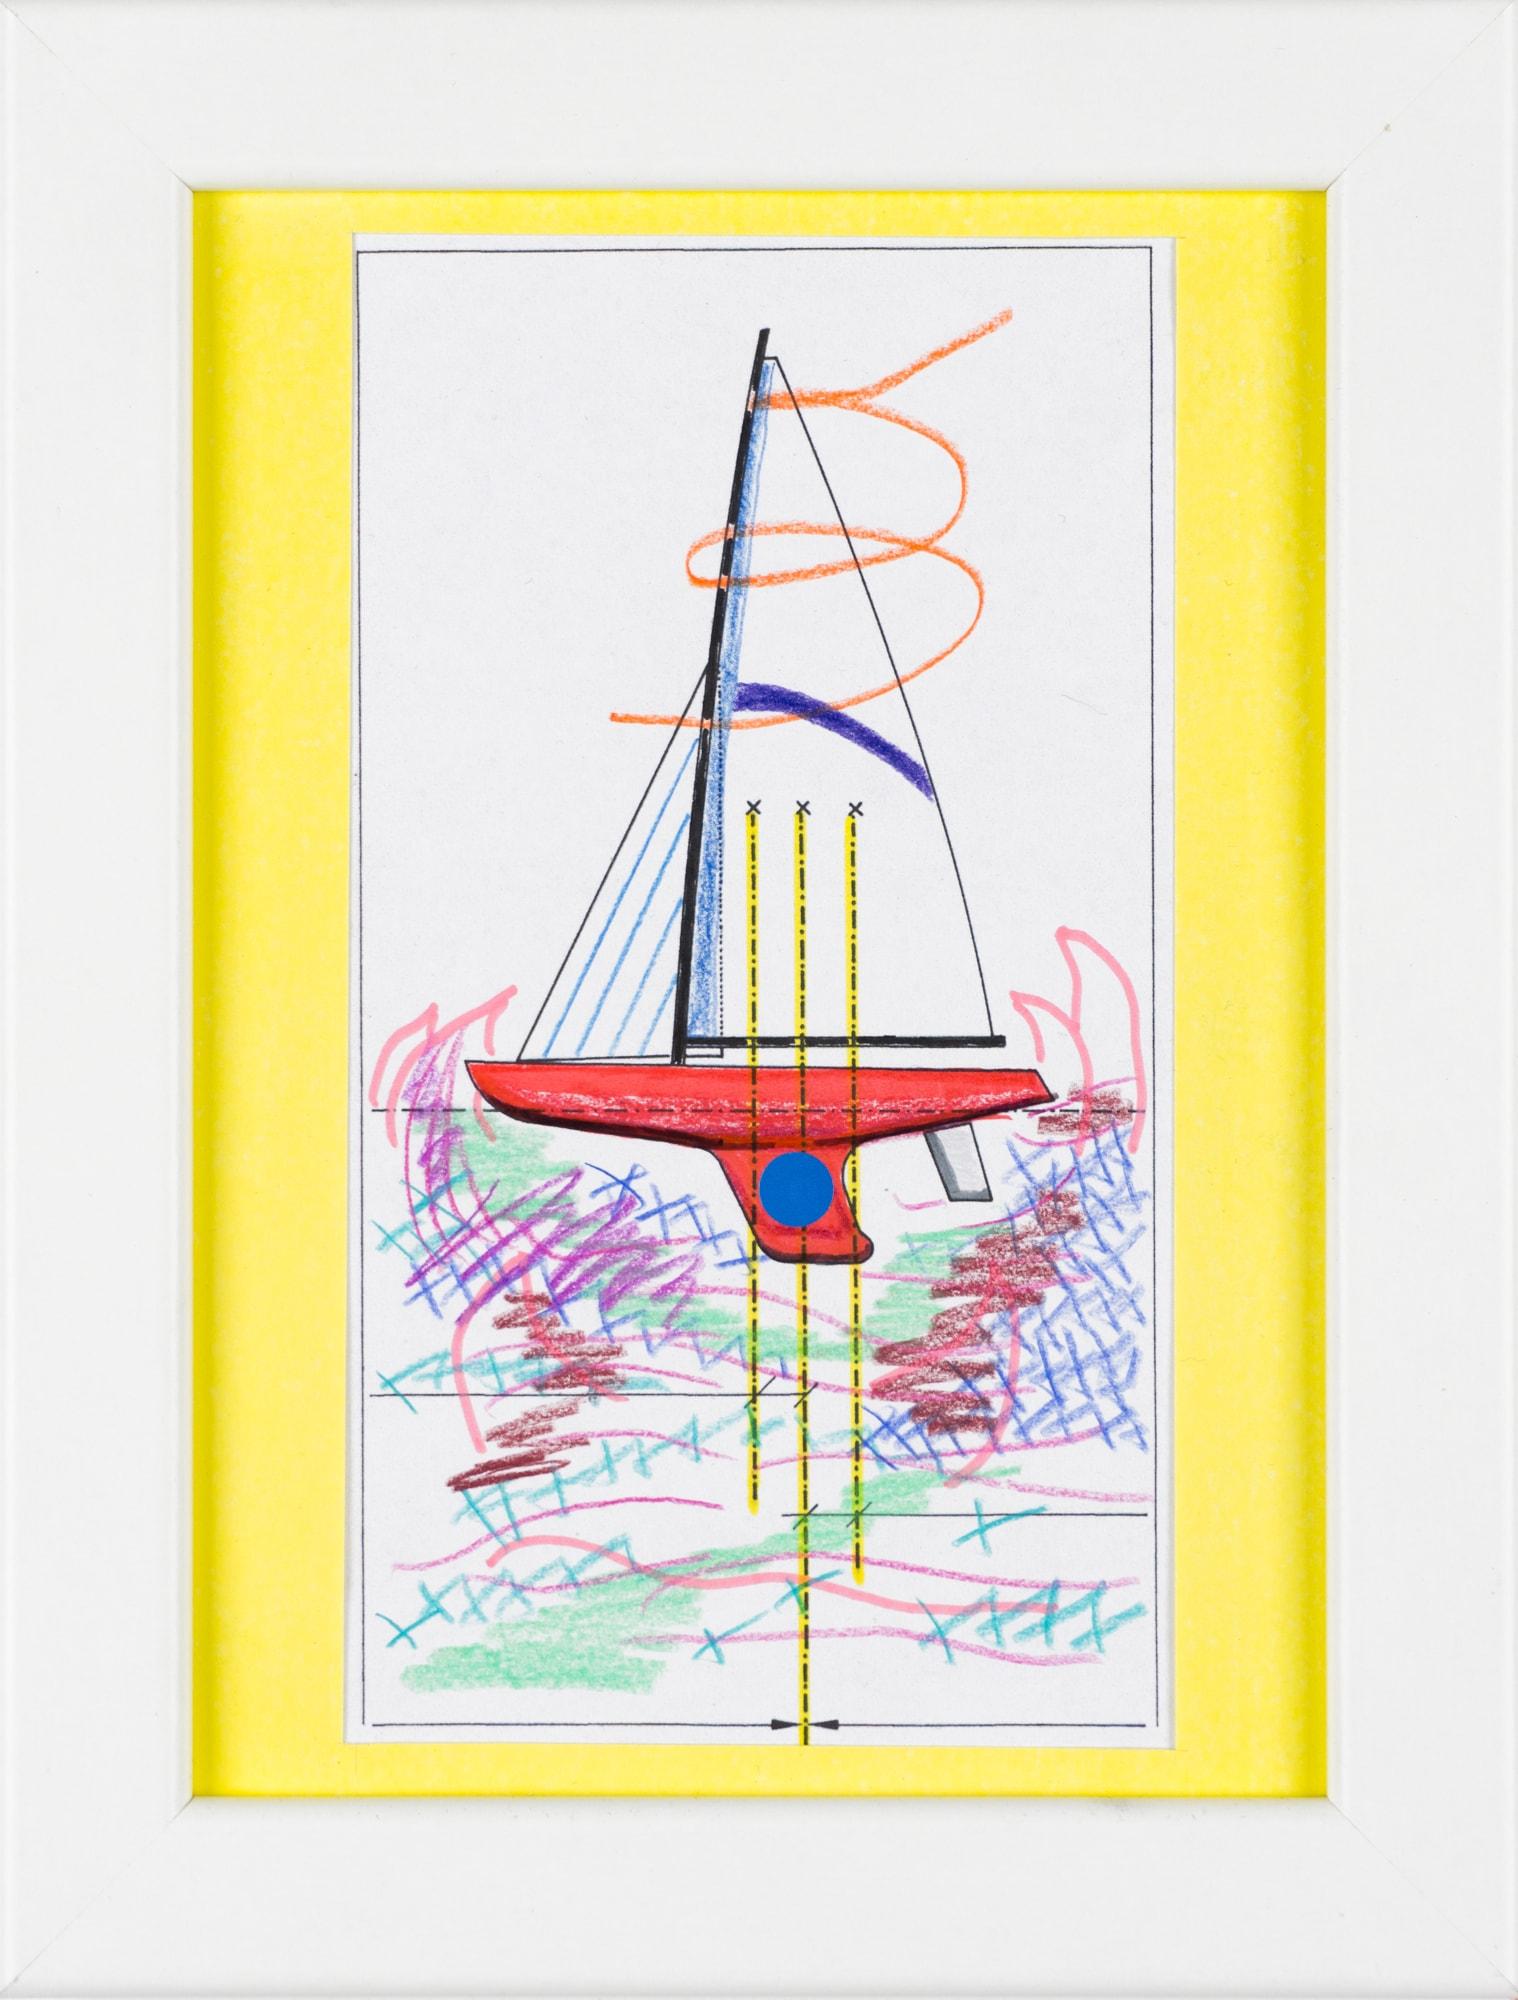 Übermalung und Mischtechnik auf Papier, 8,8x16cm, Originalgrafik zum gleichnamigen Booklet, Künstlerin: Franziska King